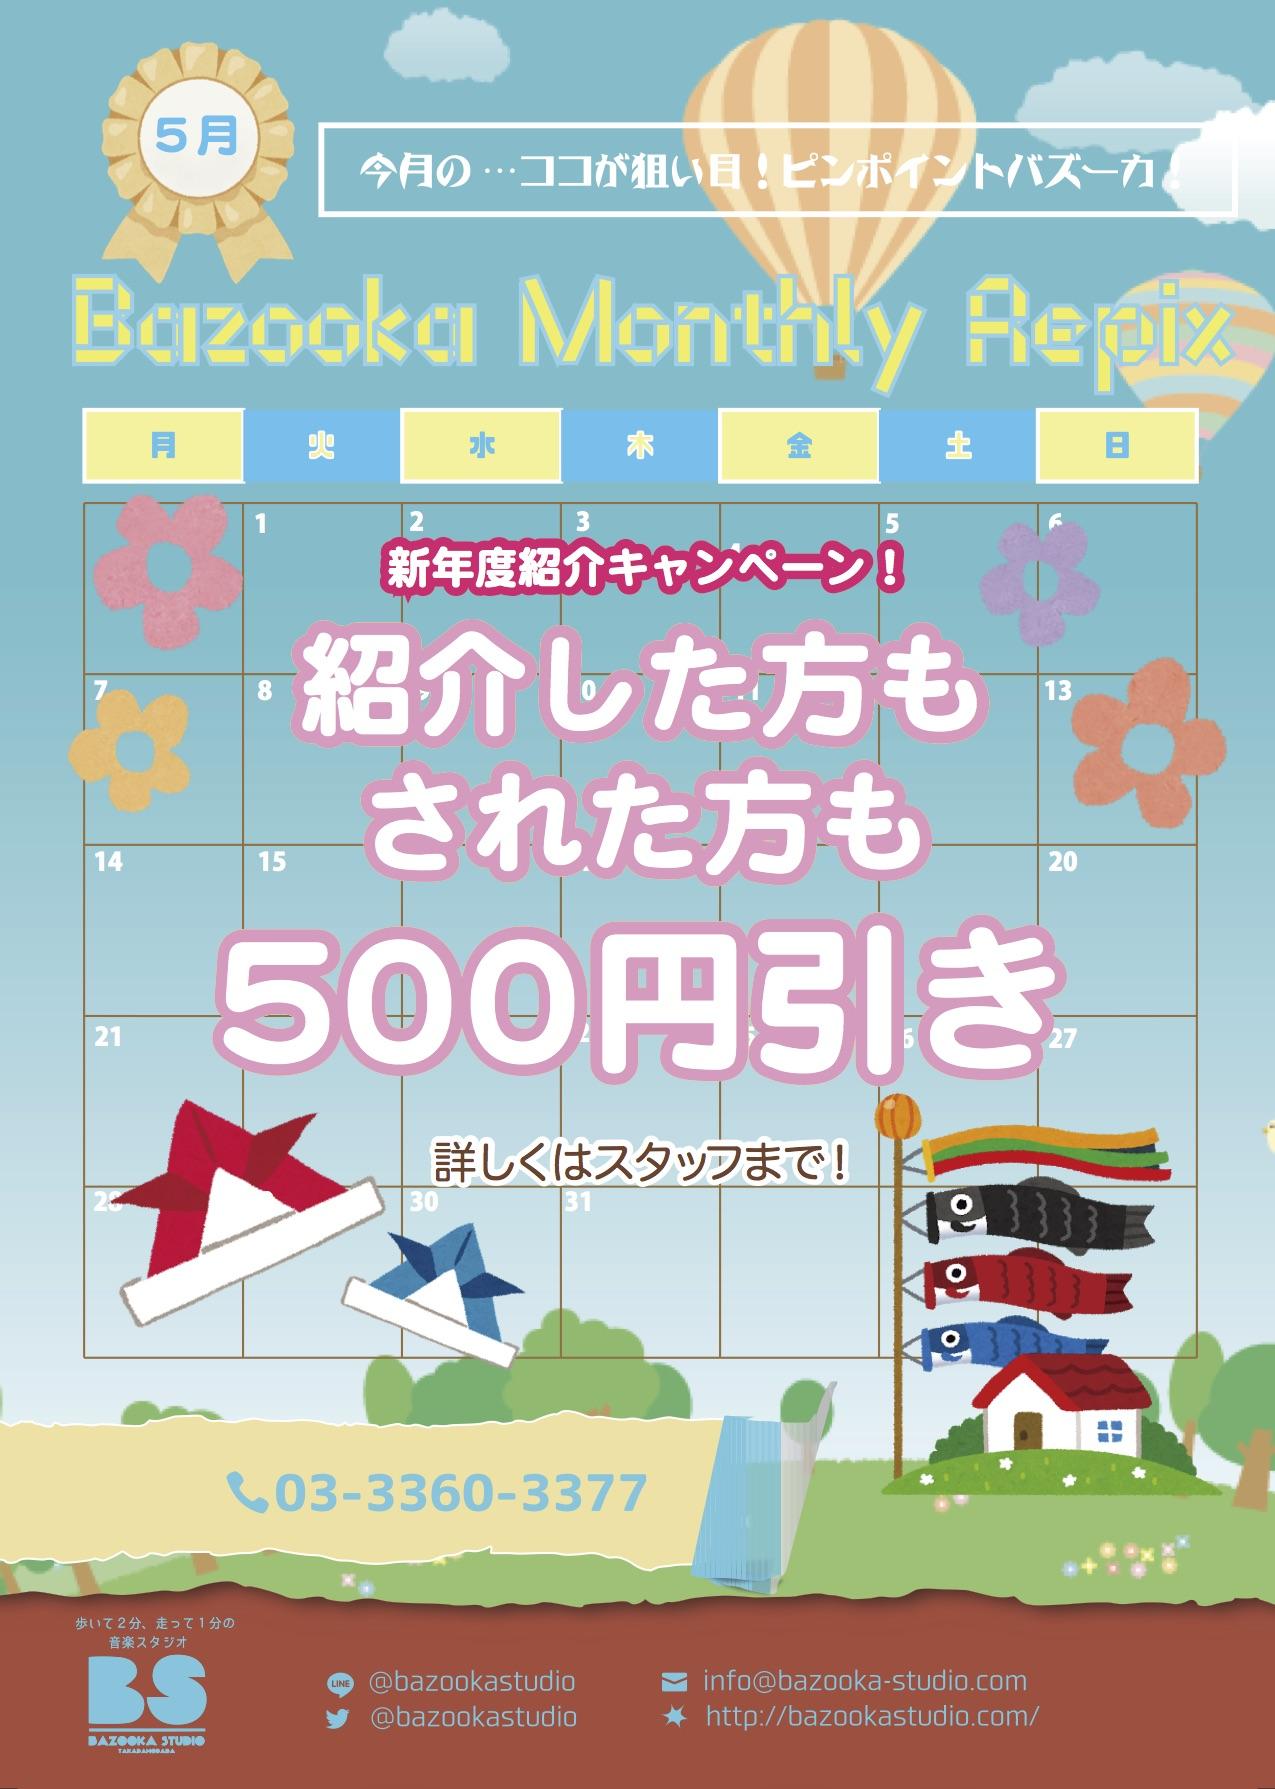 5月のBMR(Bazooka Monthly Repix)!!!の画像